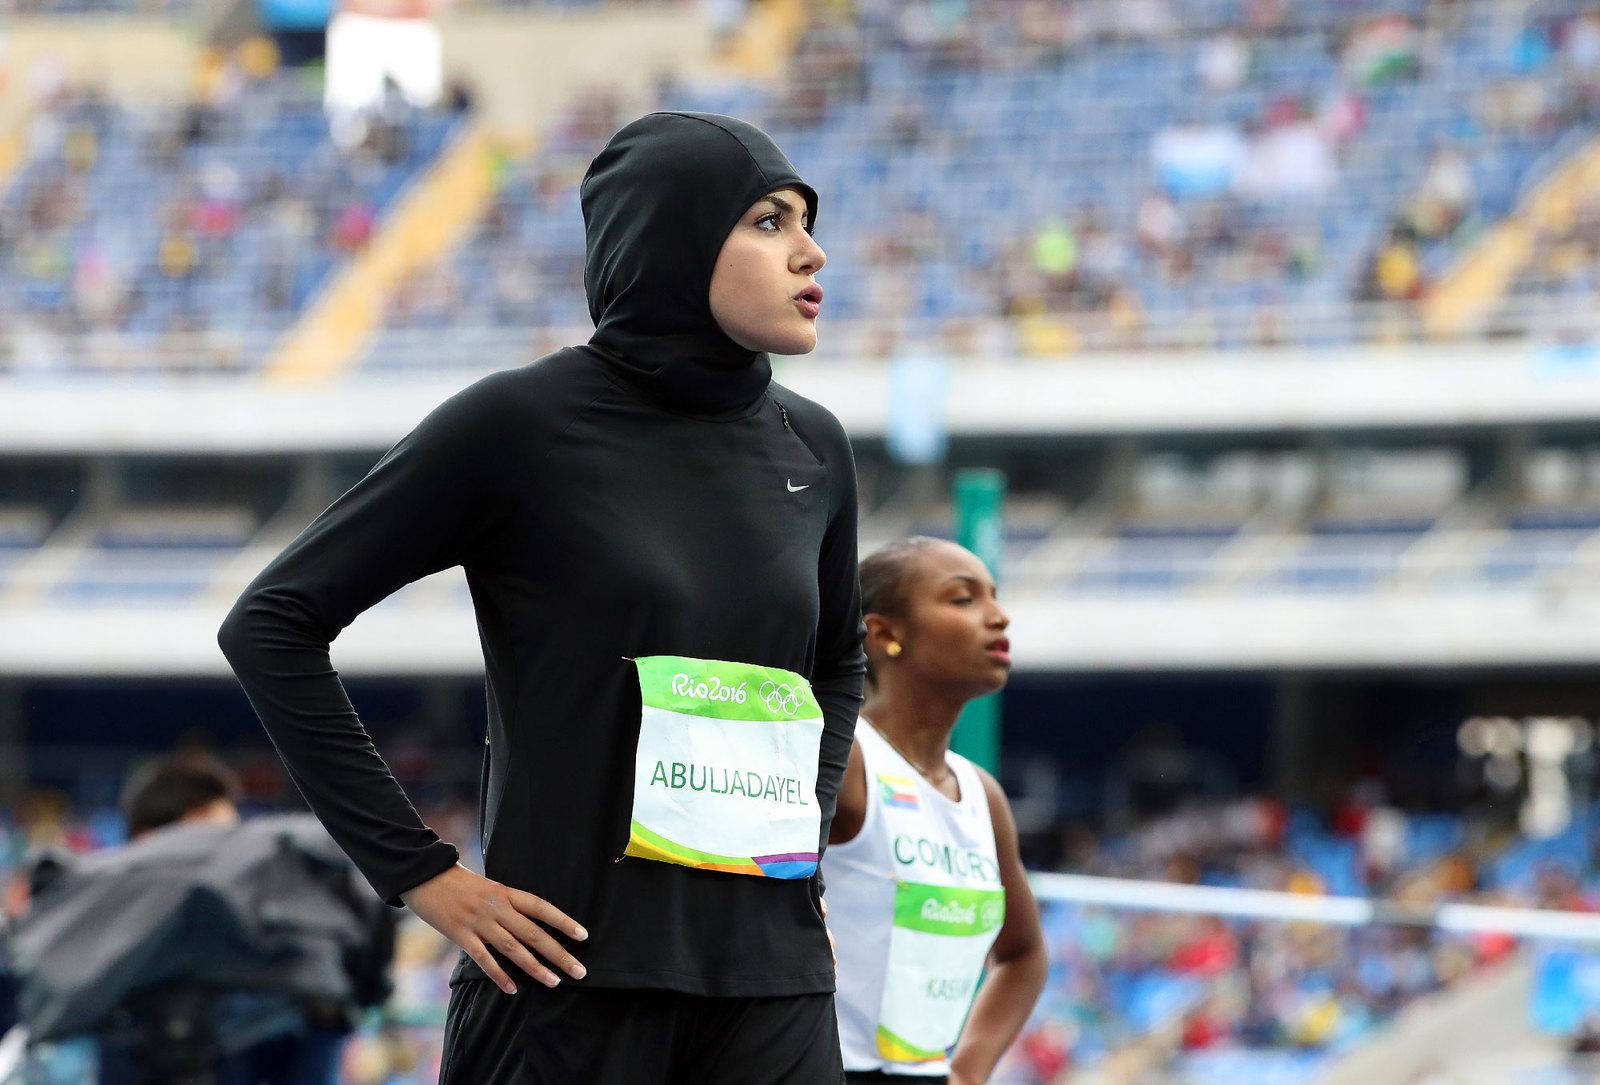 Саудовскую Аравию представляет в женской стометровке Кариман Абулядаел